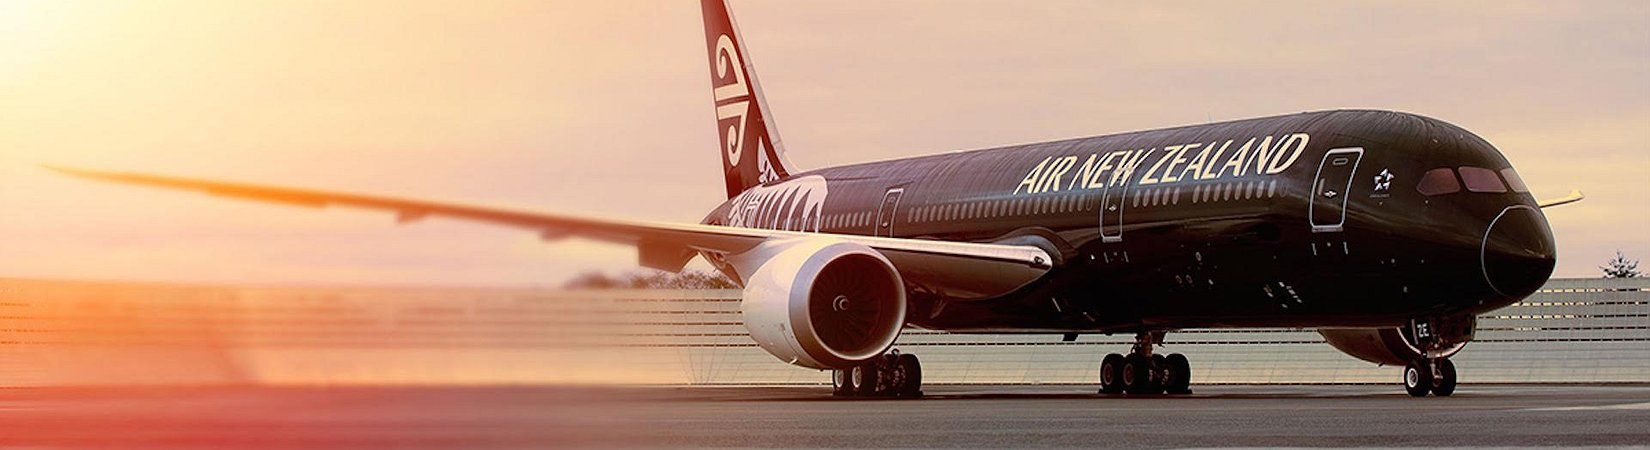 Vuela con los mejores: las 10 principales aerolíneas